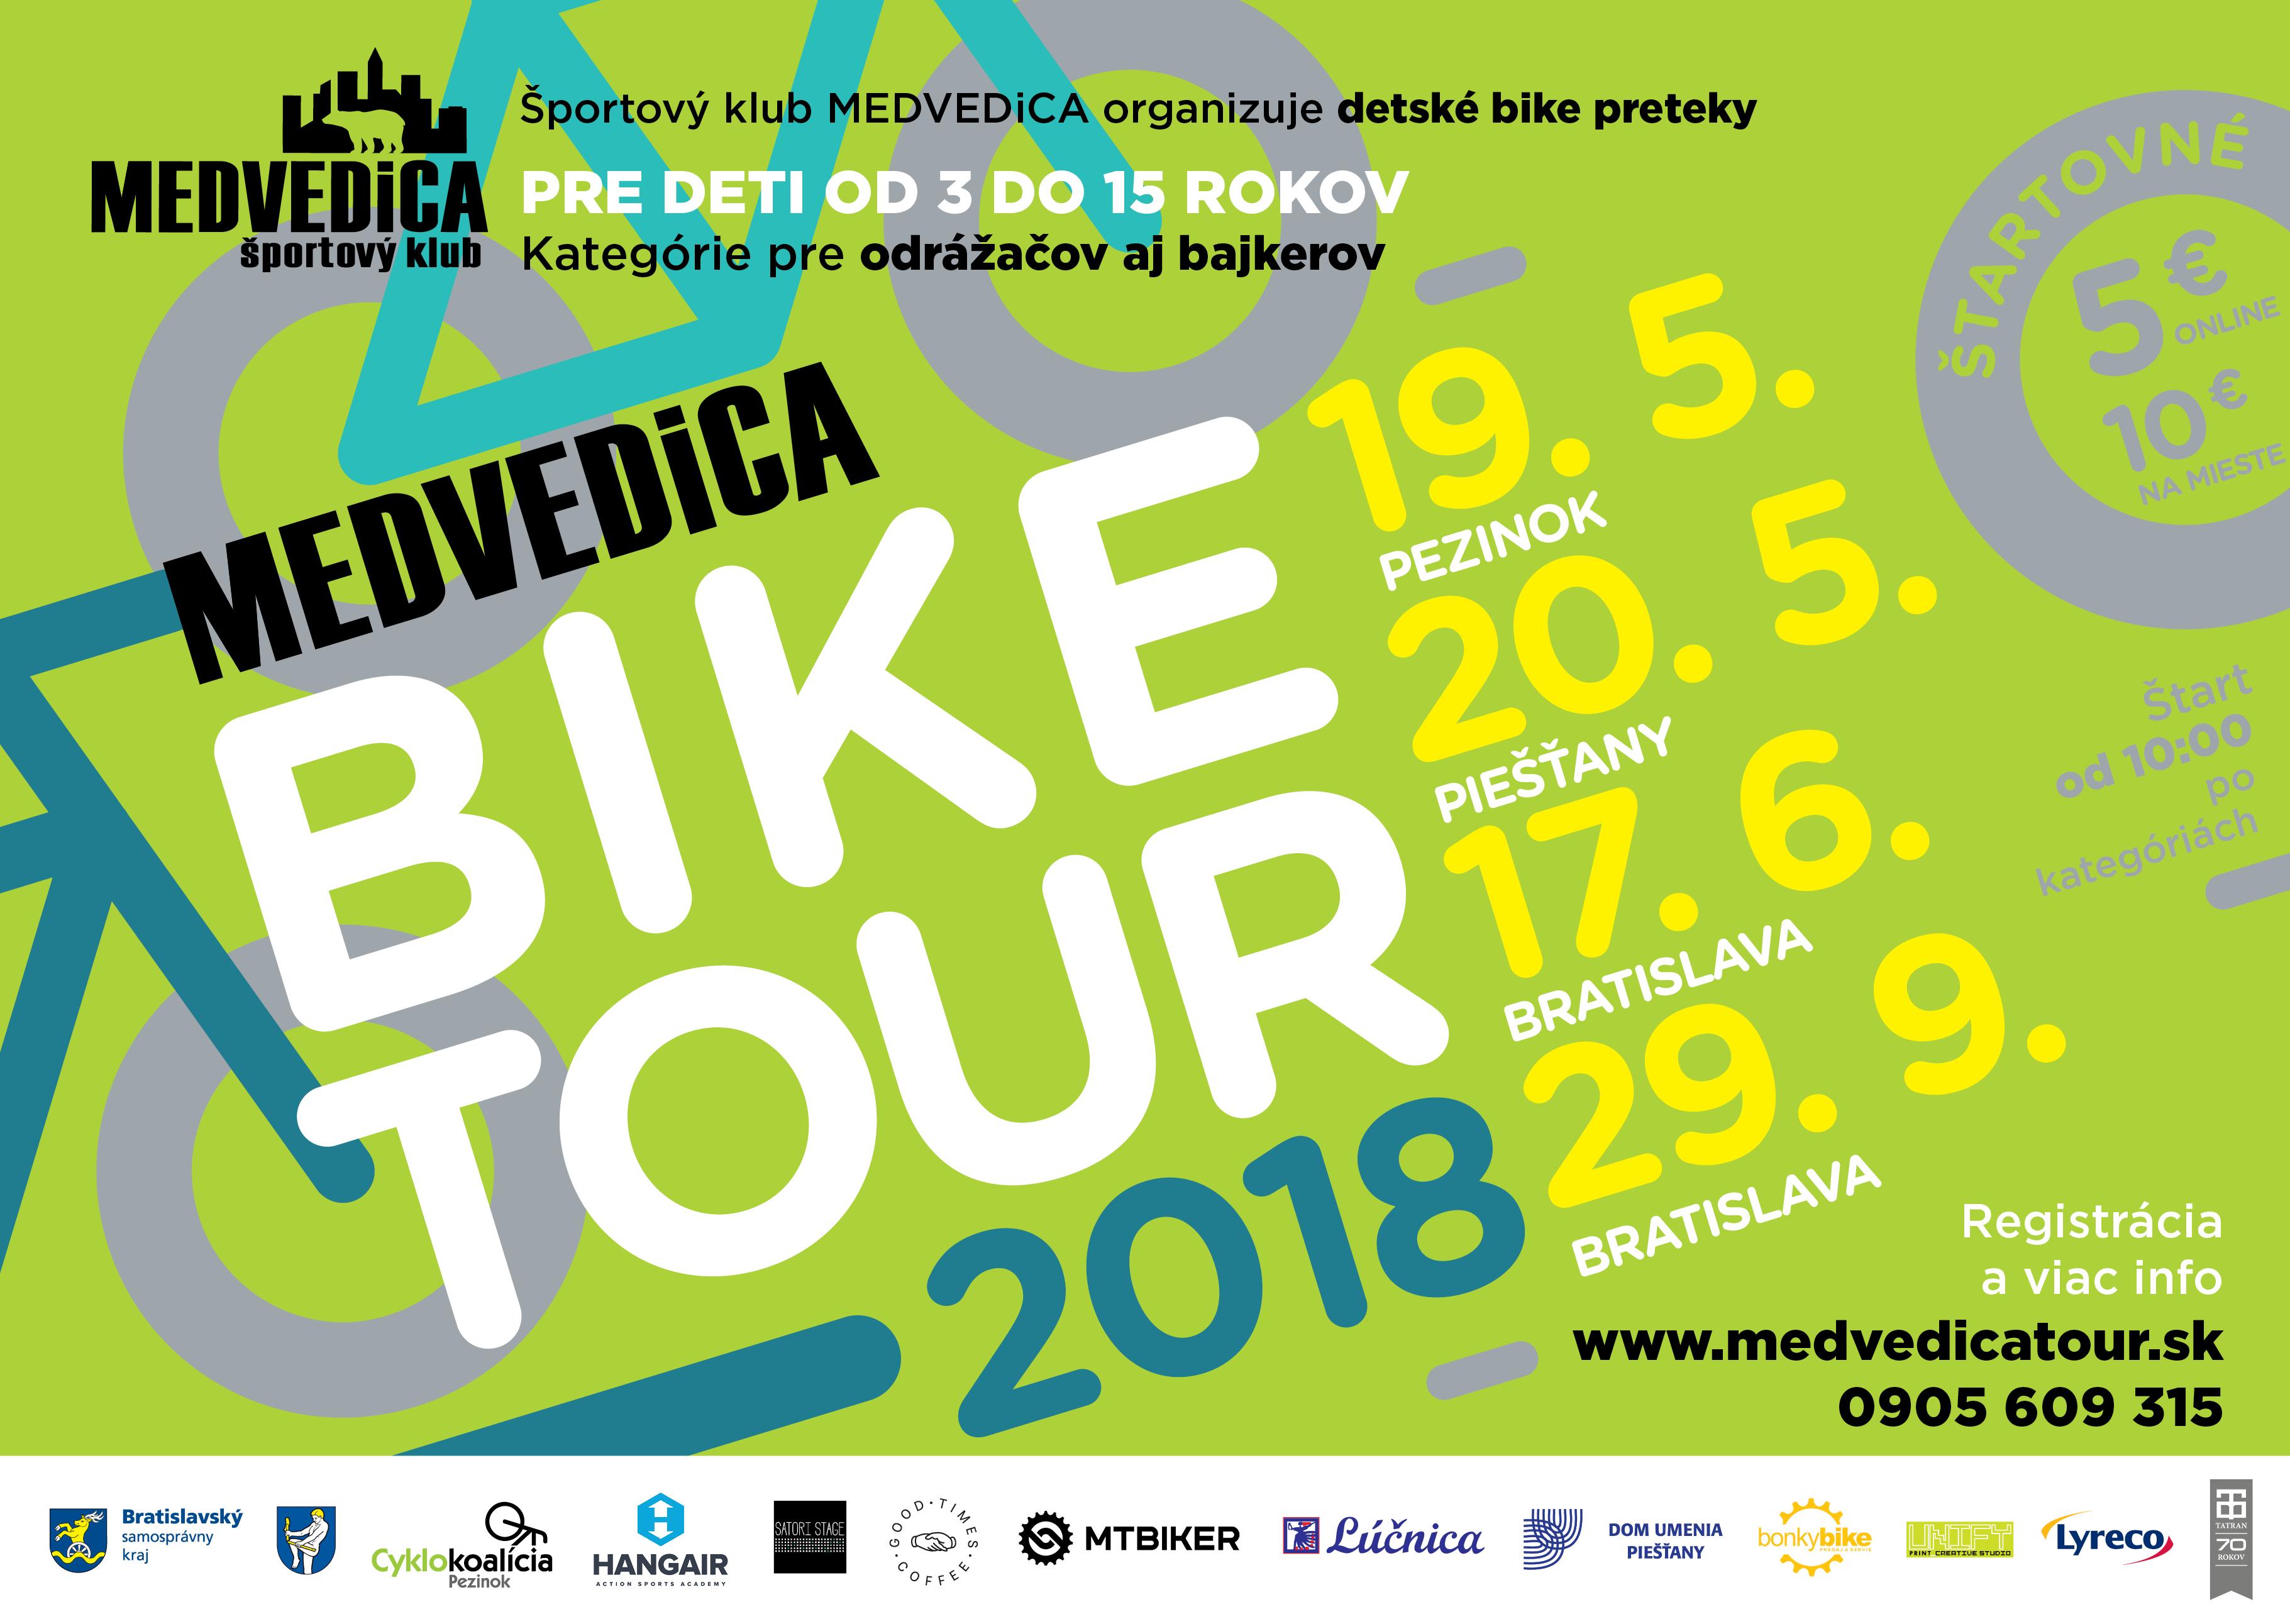 04-2018_Medvedica_BikeTour_1748x1240_3